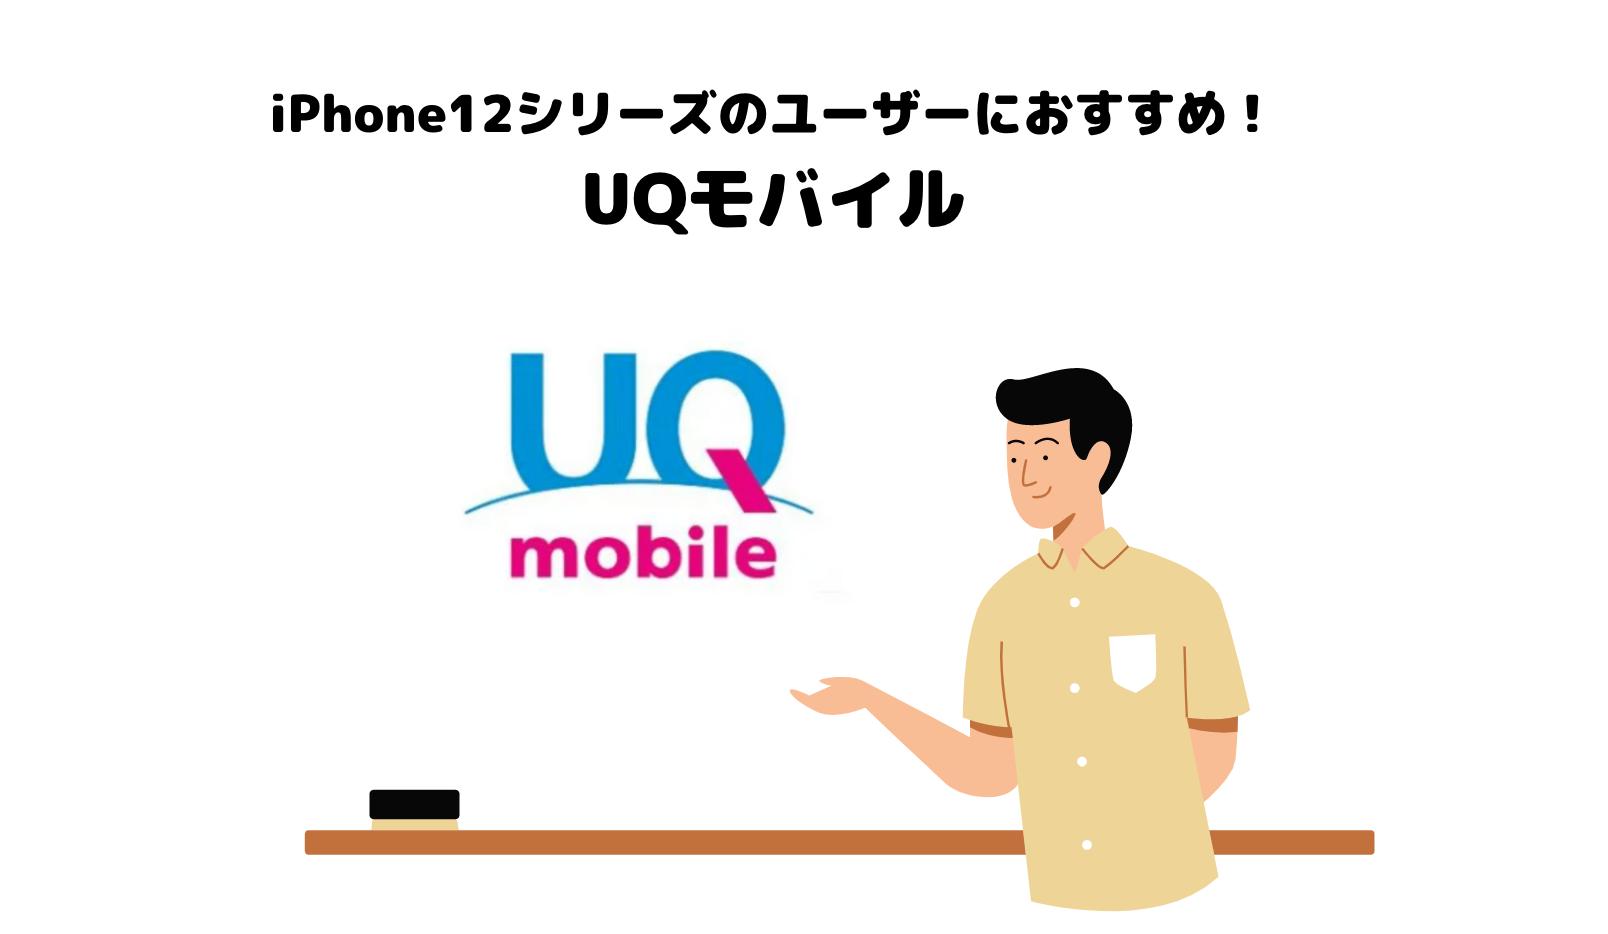 格安SIM_iphone12_iPhone12_uqmobile_UQモバイル